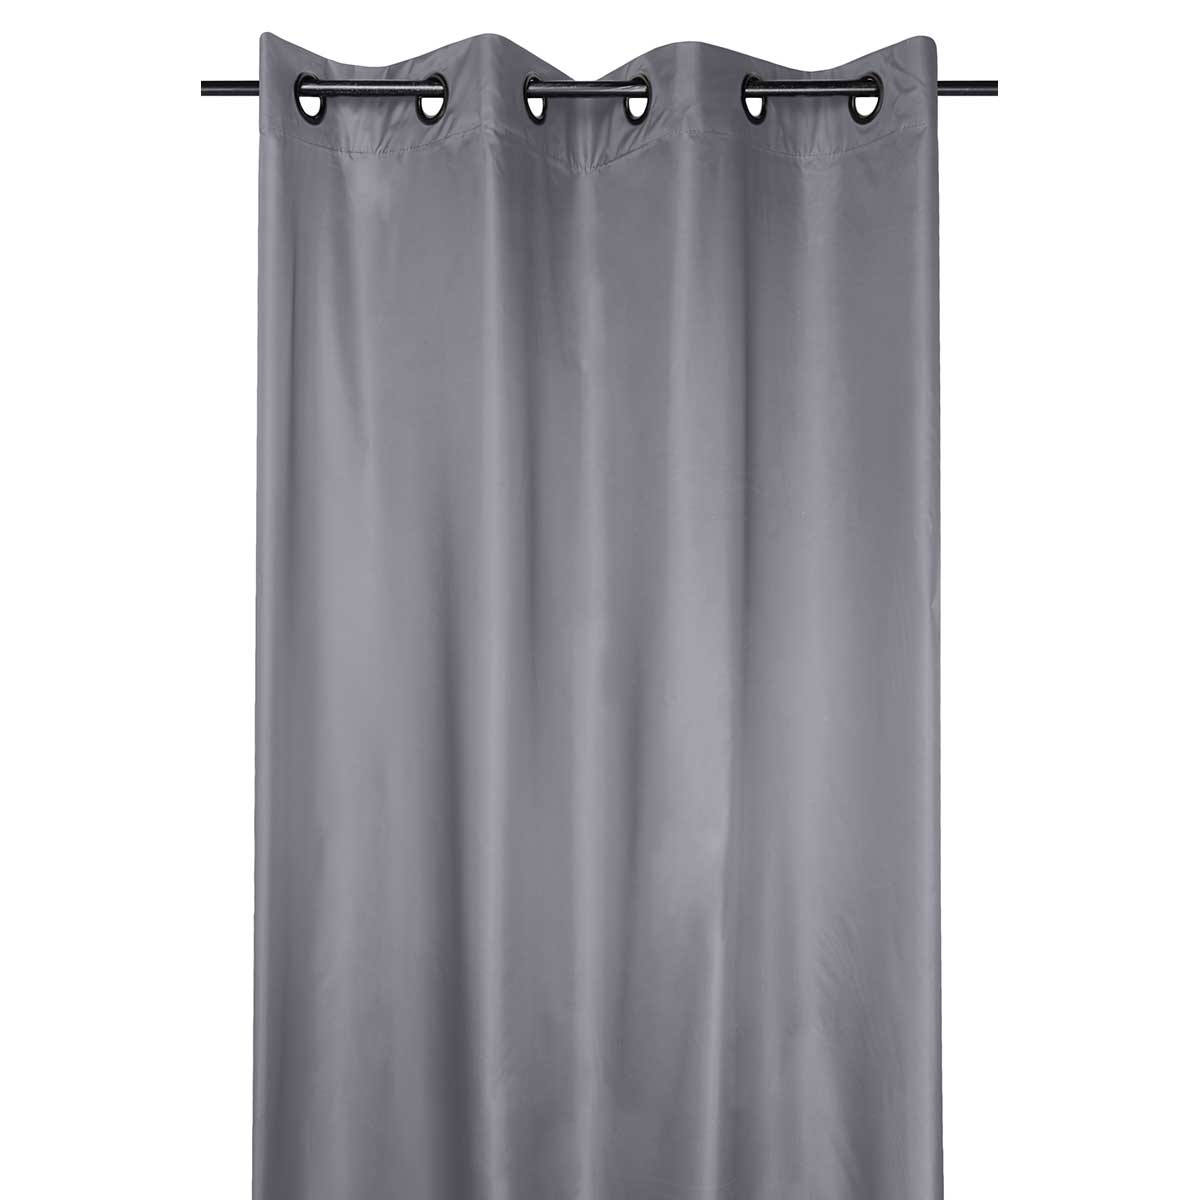 Rideau occultant et thermique en tissu enduit - Gris - 140 x 260 cm